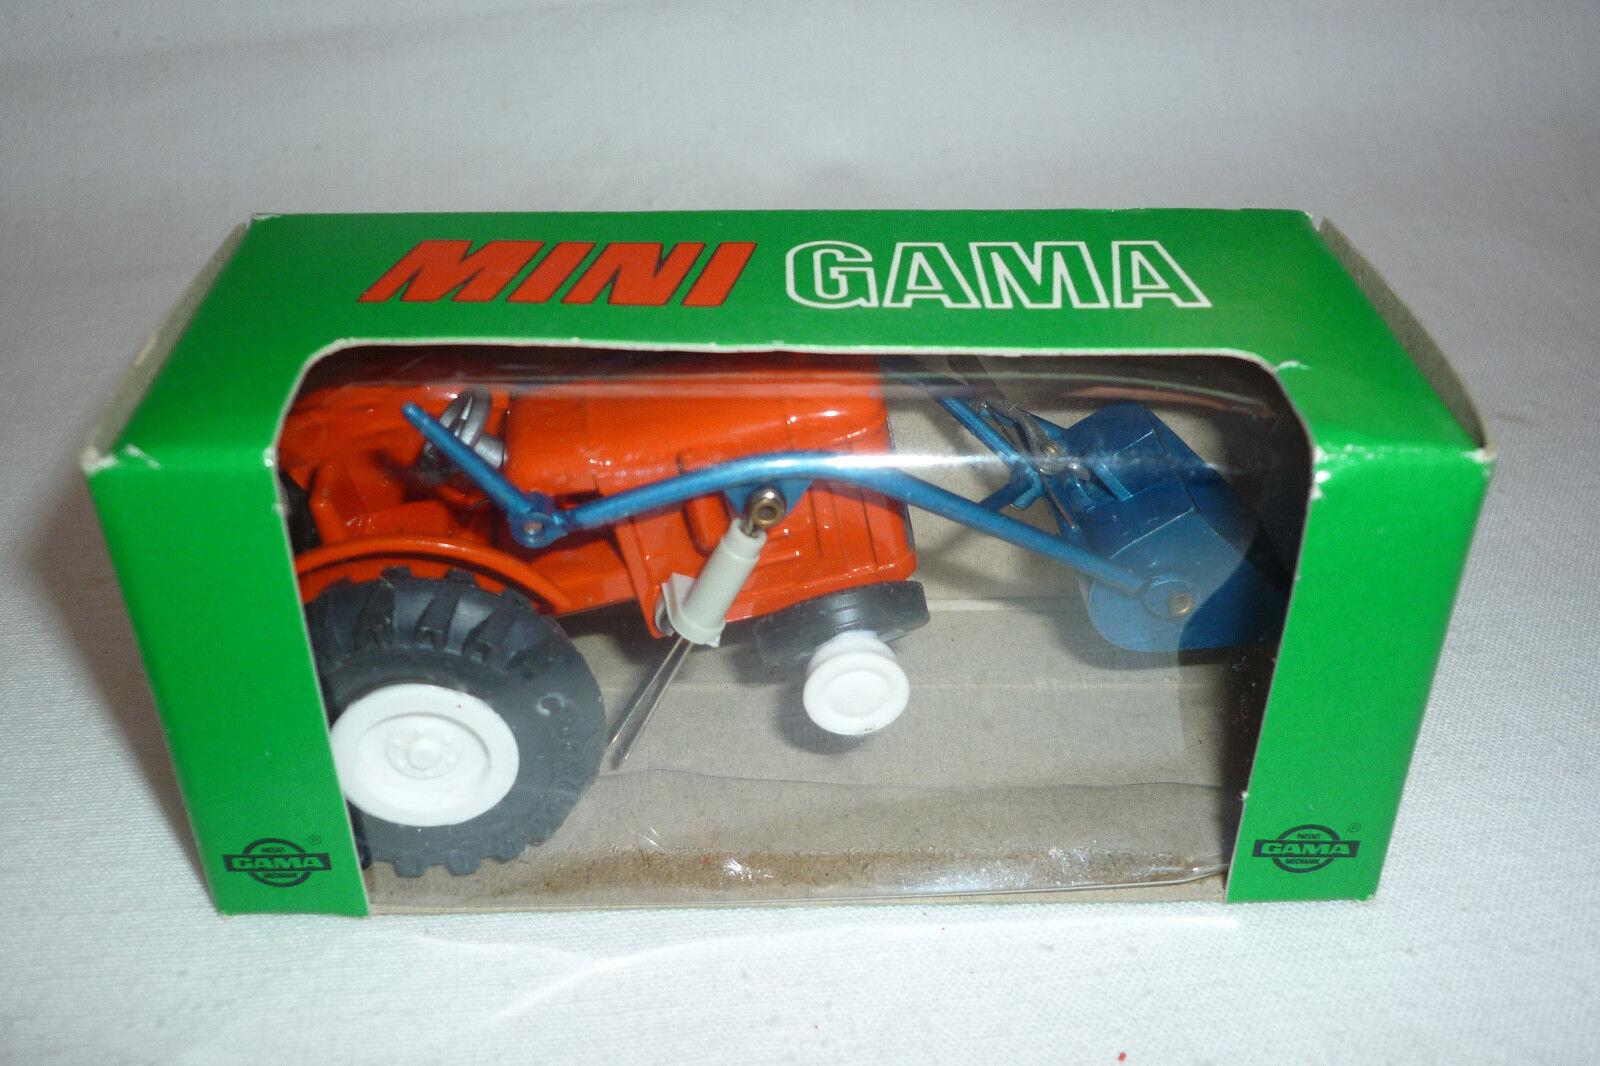 Gama mini - vintage - metall - modell - 940 - fiat - traktor - gama 57)